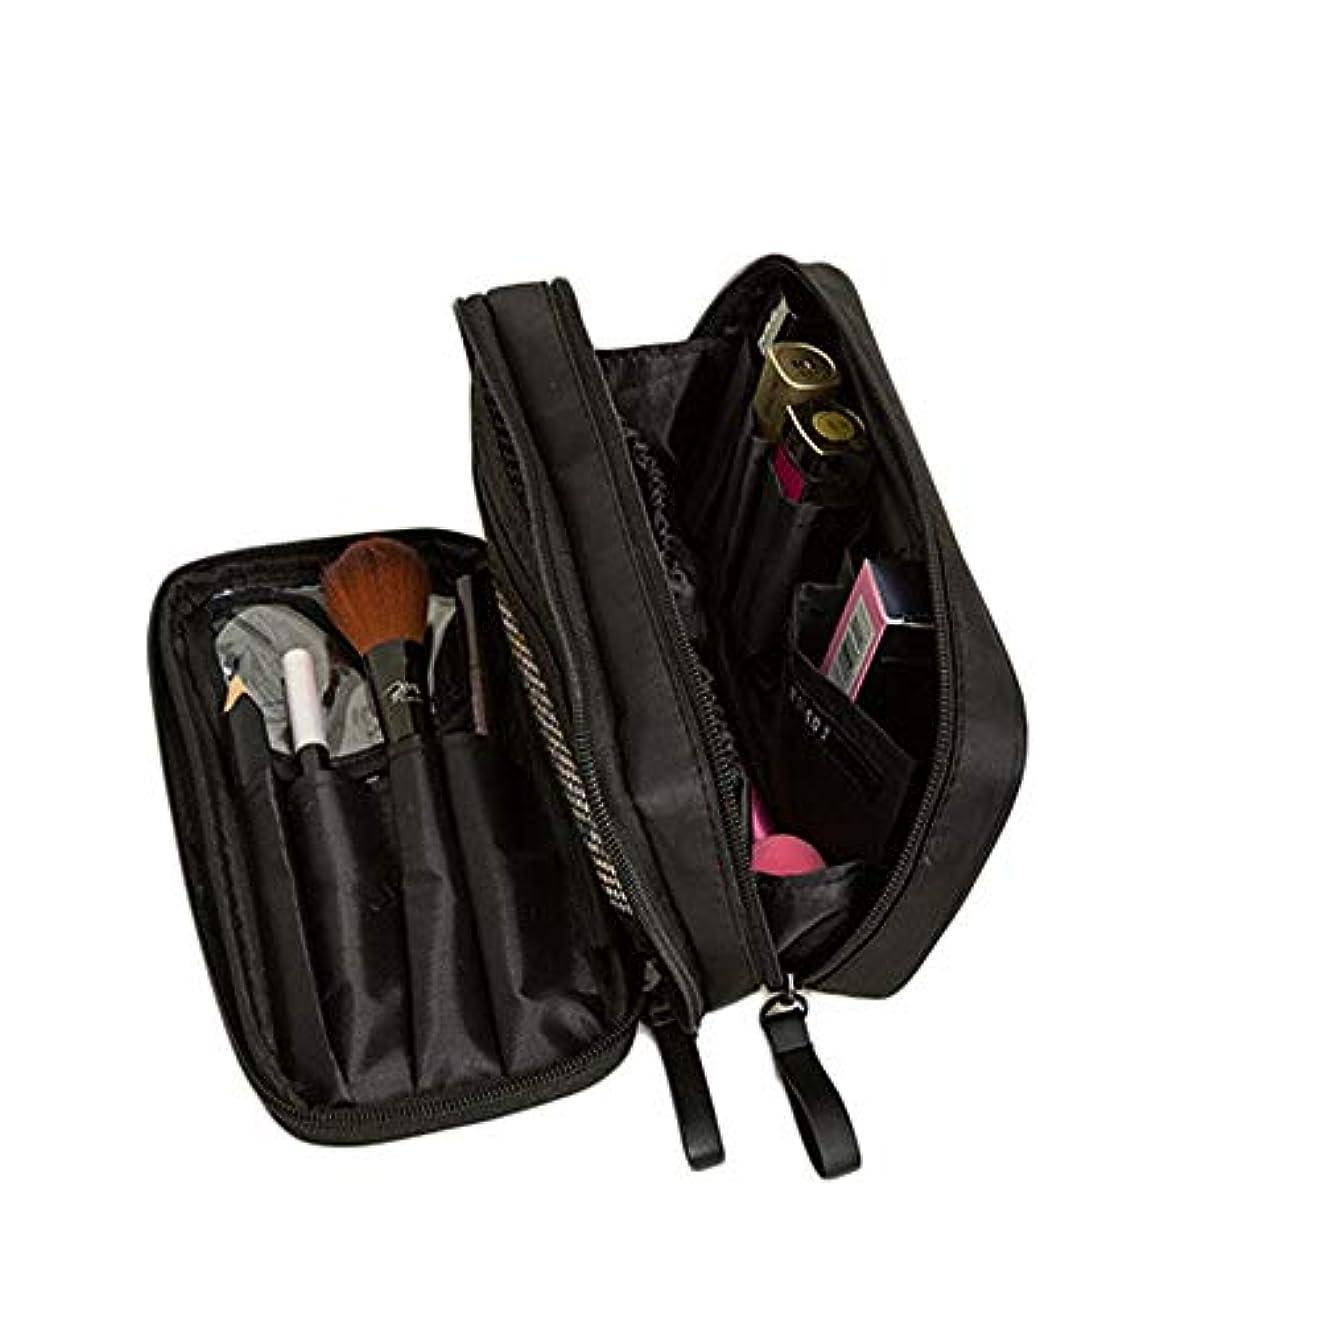 警察偽装する揃える特大スペース収納ビューティーボックス 携帯用化粧品袋、専門の化粧品袋の札入れの旅行者の密集した二重層化粧品/化粧品のブラシ袋の女性、旅行/電車セットの貯蔵袋。 化粧品化粧台 (色 : ブラック)